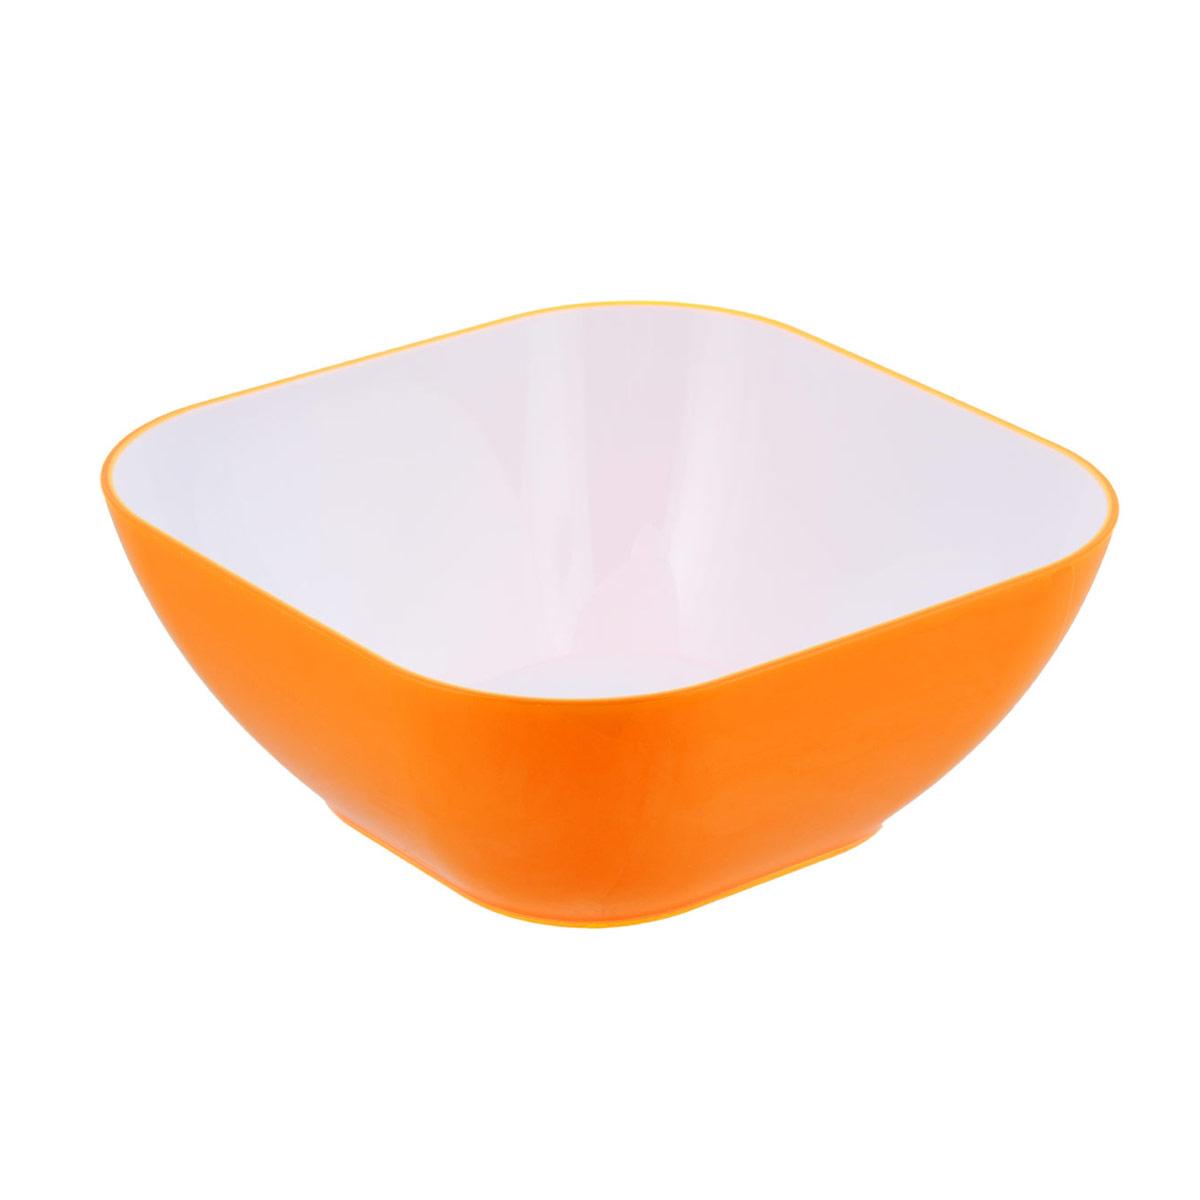 Миска Bradex, цвет: оранжевый, 0,8 лTK 0136Миска Bradex выполнена из цветного пищевого пластика, устойчивого к действию уксуса, спирта и масел. Миска прочная и стойкая к царапинам. Благодаря высококачественным материалам она не впитывает запахи и не изменяет вкусовые качества пищи. Идеально подходит как для домашнего использования, так и для пикников. Яркий салатник создаст веселое летнее настроение за вашим столом, будь то домашний обед или завтрак на природе. Миска настолько легка в уходе, что не отнимет у вас ни секунды лишнего времени, отведенного на послеобеденный отдых. Стильный и функциональный дизайн, легко моется. Объем: 0,8 л.